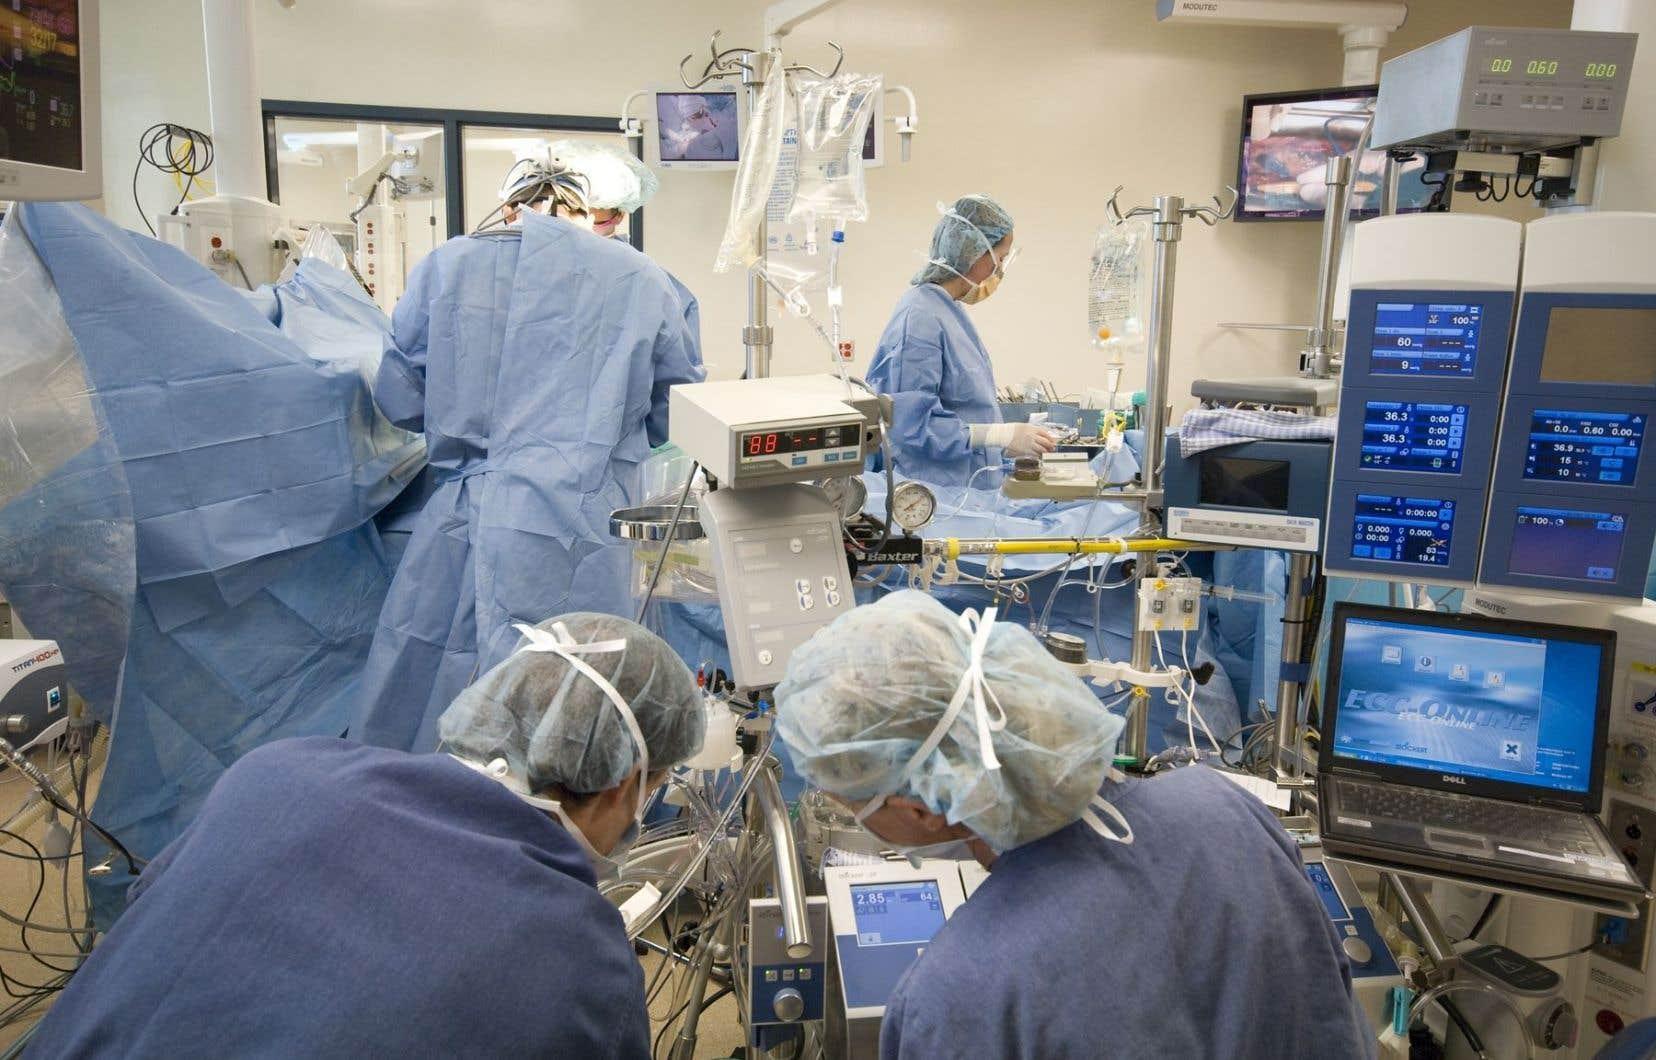 À ce jour, seulement 2 patients sur un total de 8458 se sont vu diagnostiquer une infection. Ils ont été pris en charge et leur traitement est en cours.